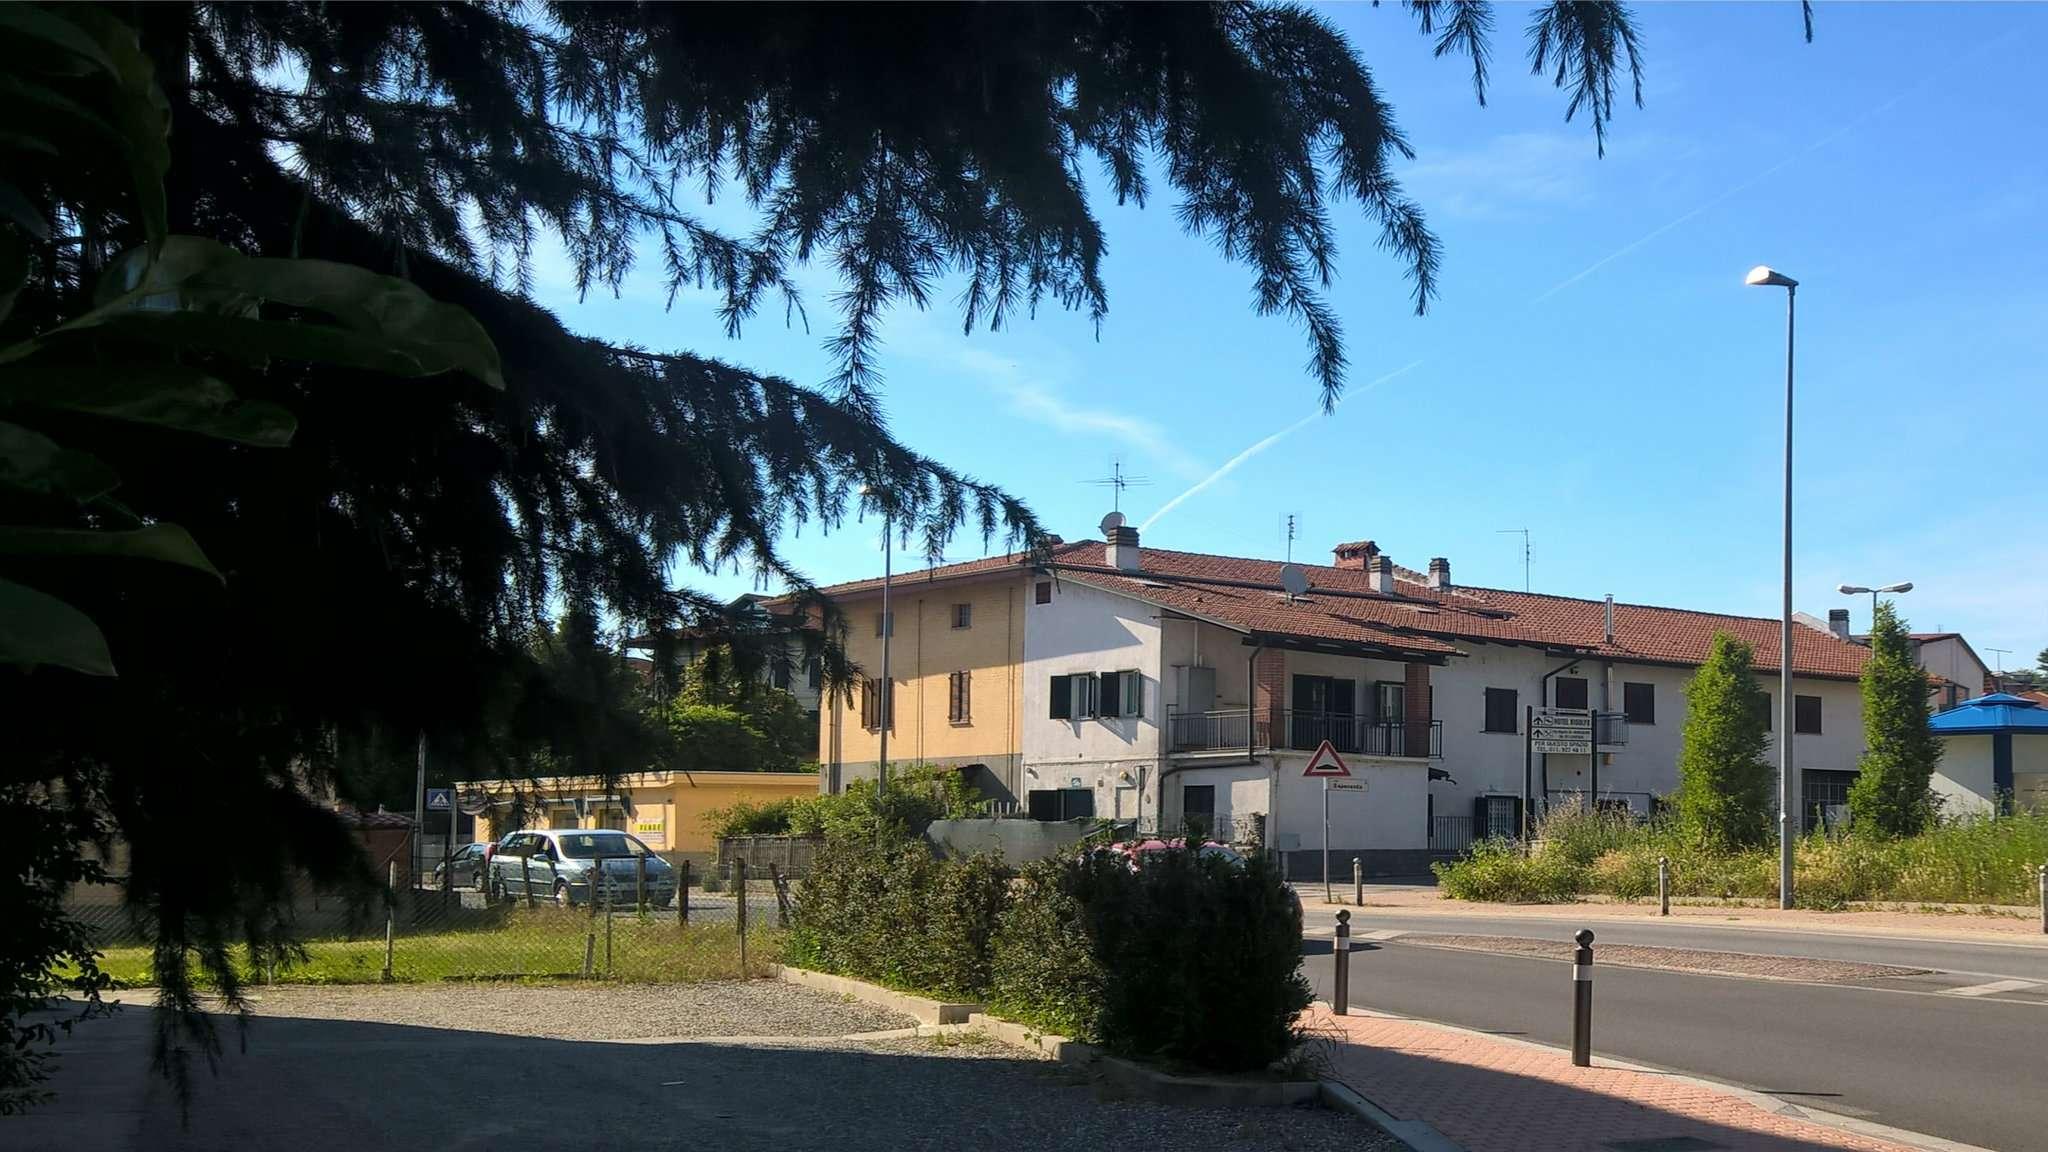 Soluzione Indipendente in vendita a Trofarello, 5 locali, prezzo € 198.000 | Cambio Casa.it